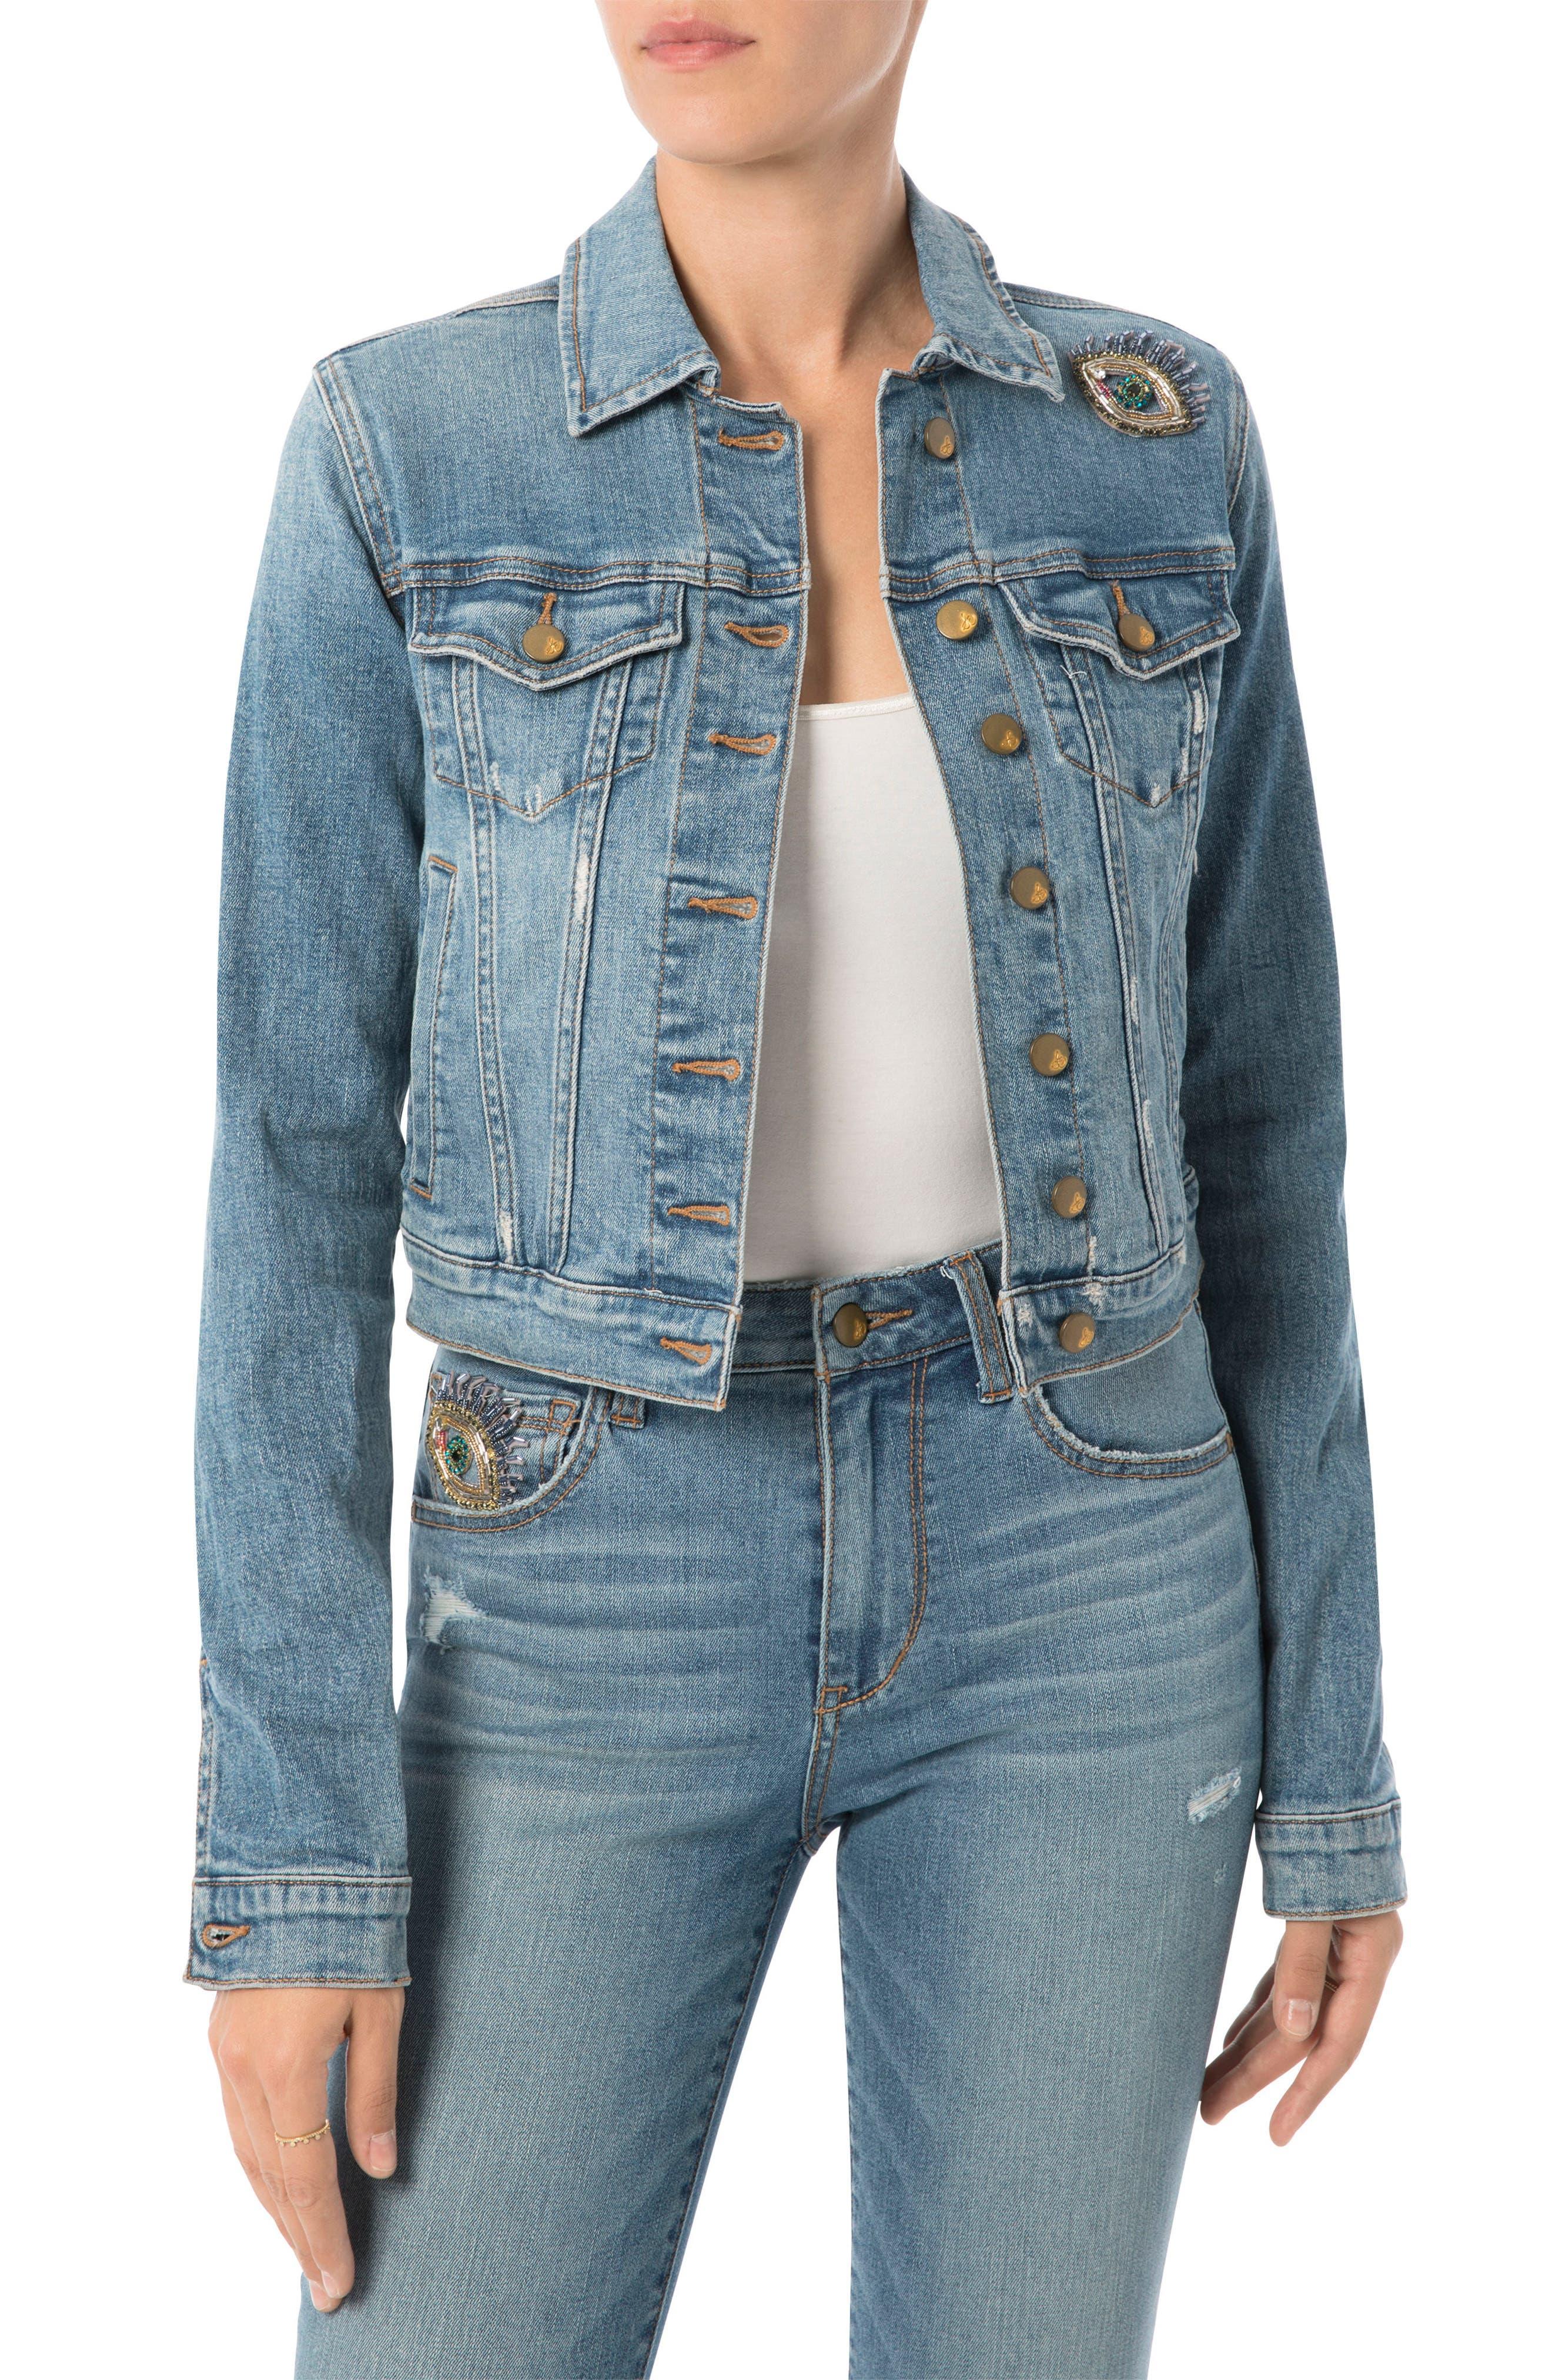 Alternate Image 1 Selected - Sam Edelman Bridget Embellished Denim Jacket